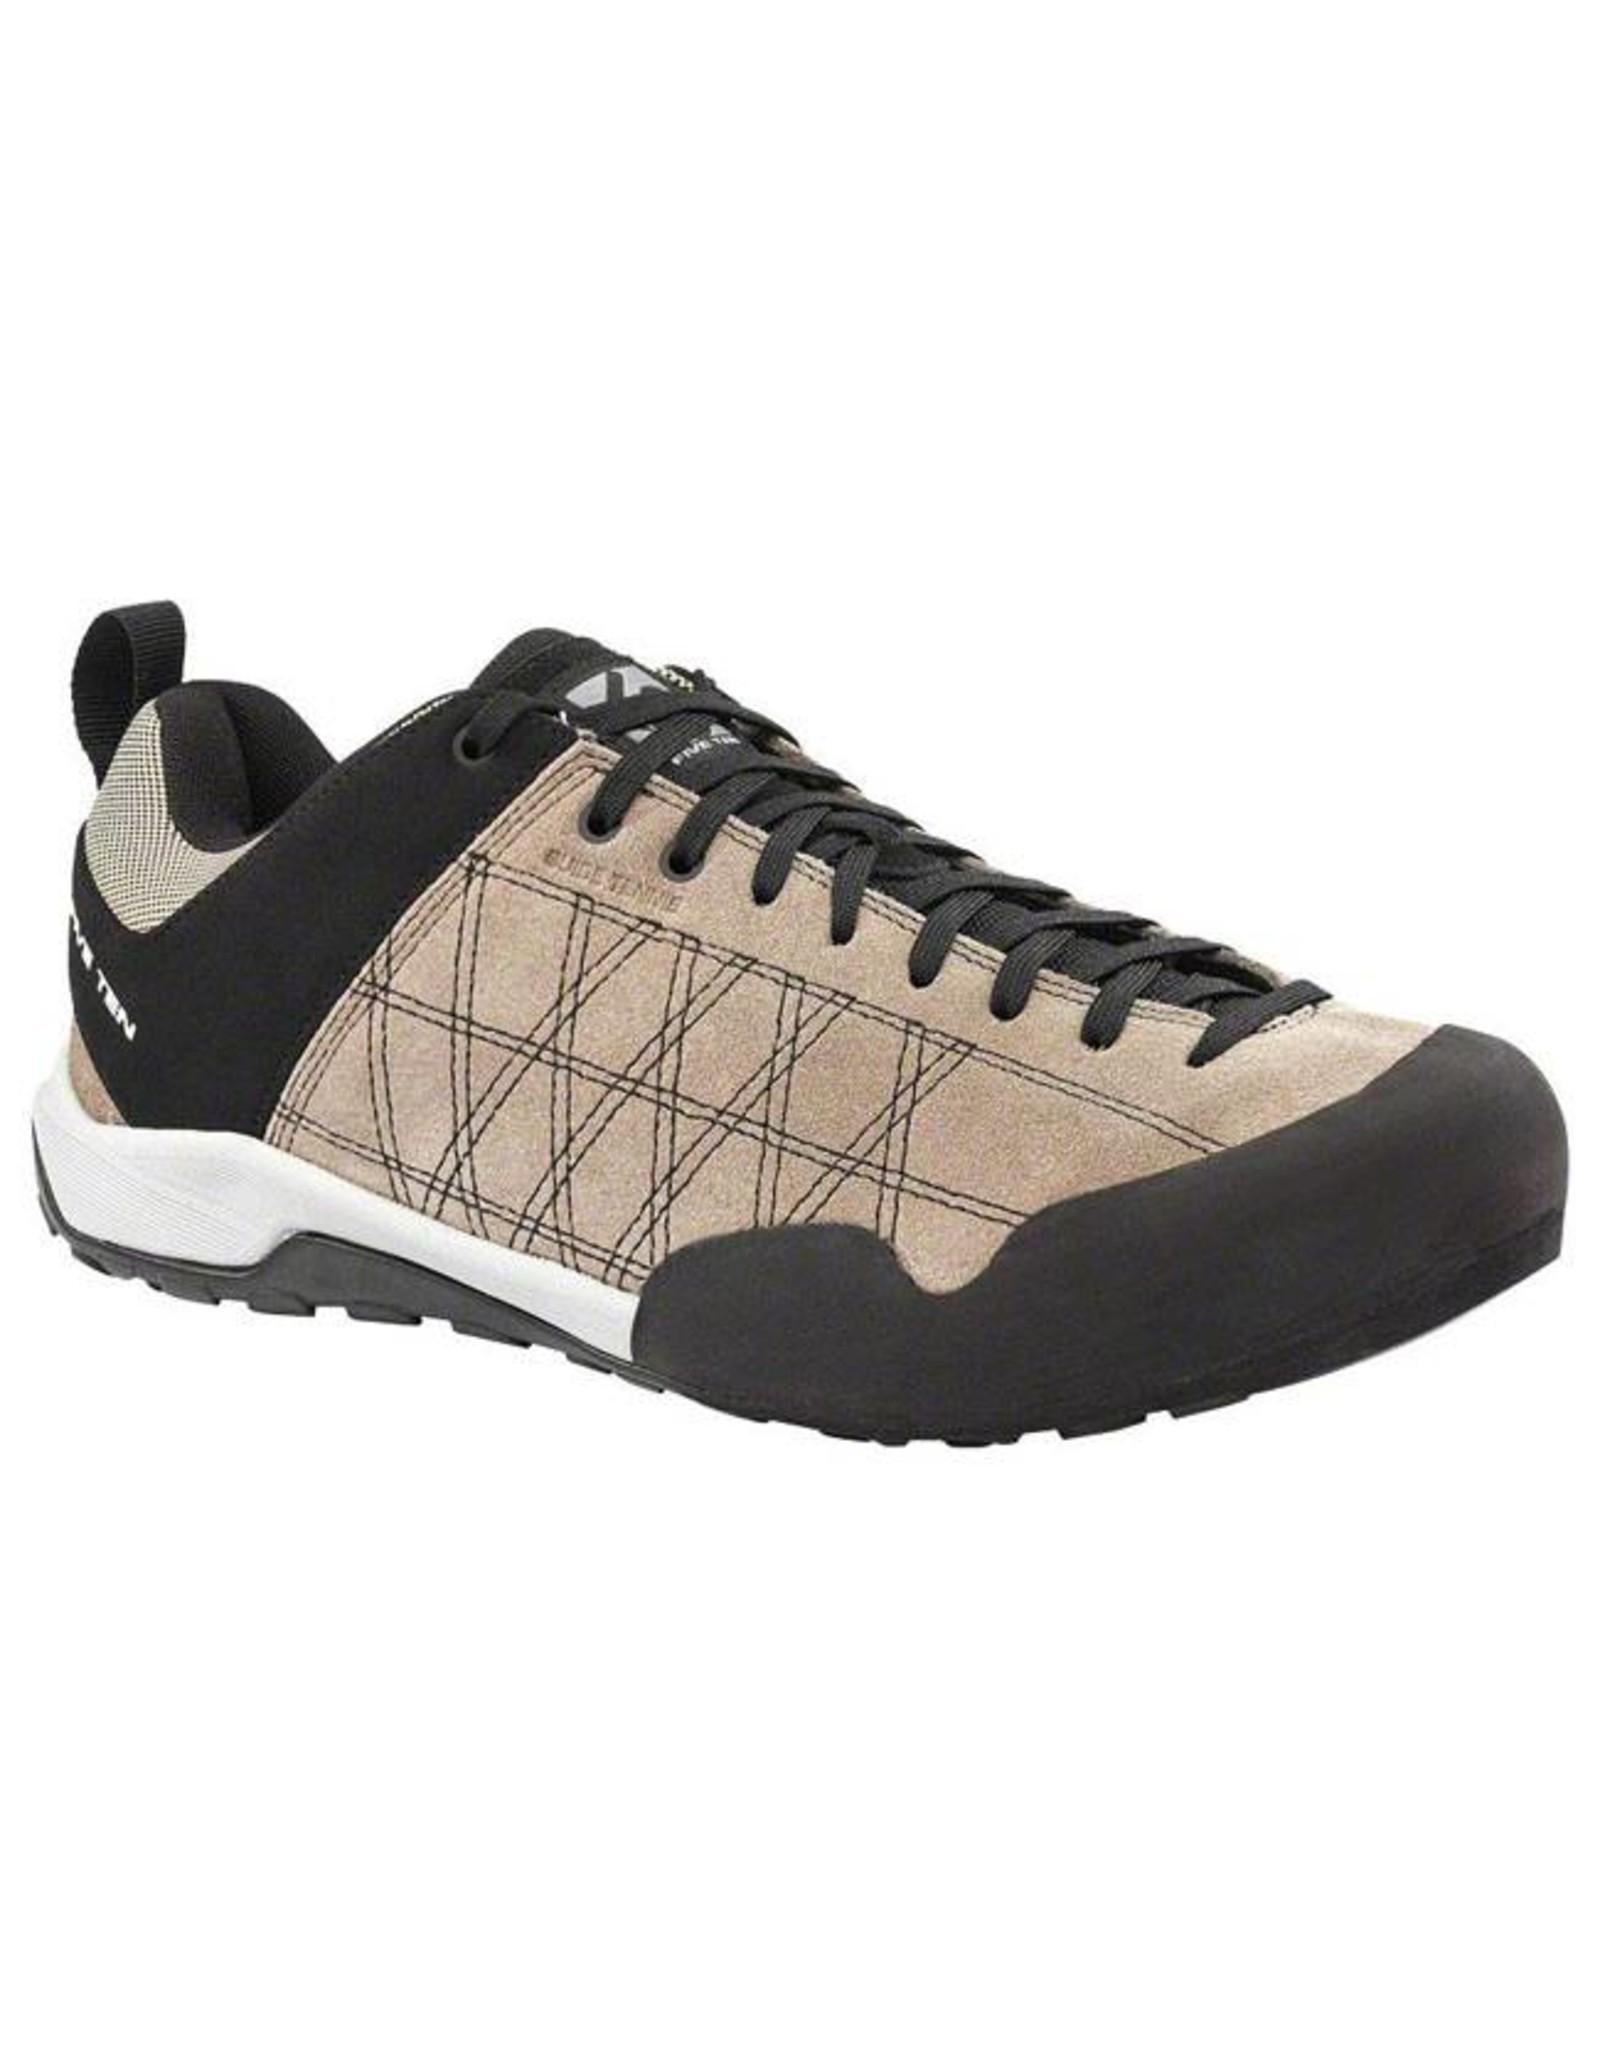 Five Ten Five Ten Guide Tennie Men's Approach Shoe: Twine 7